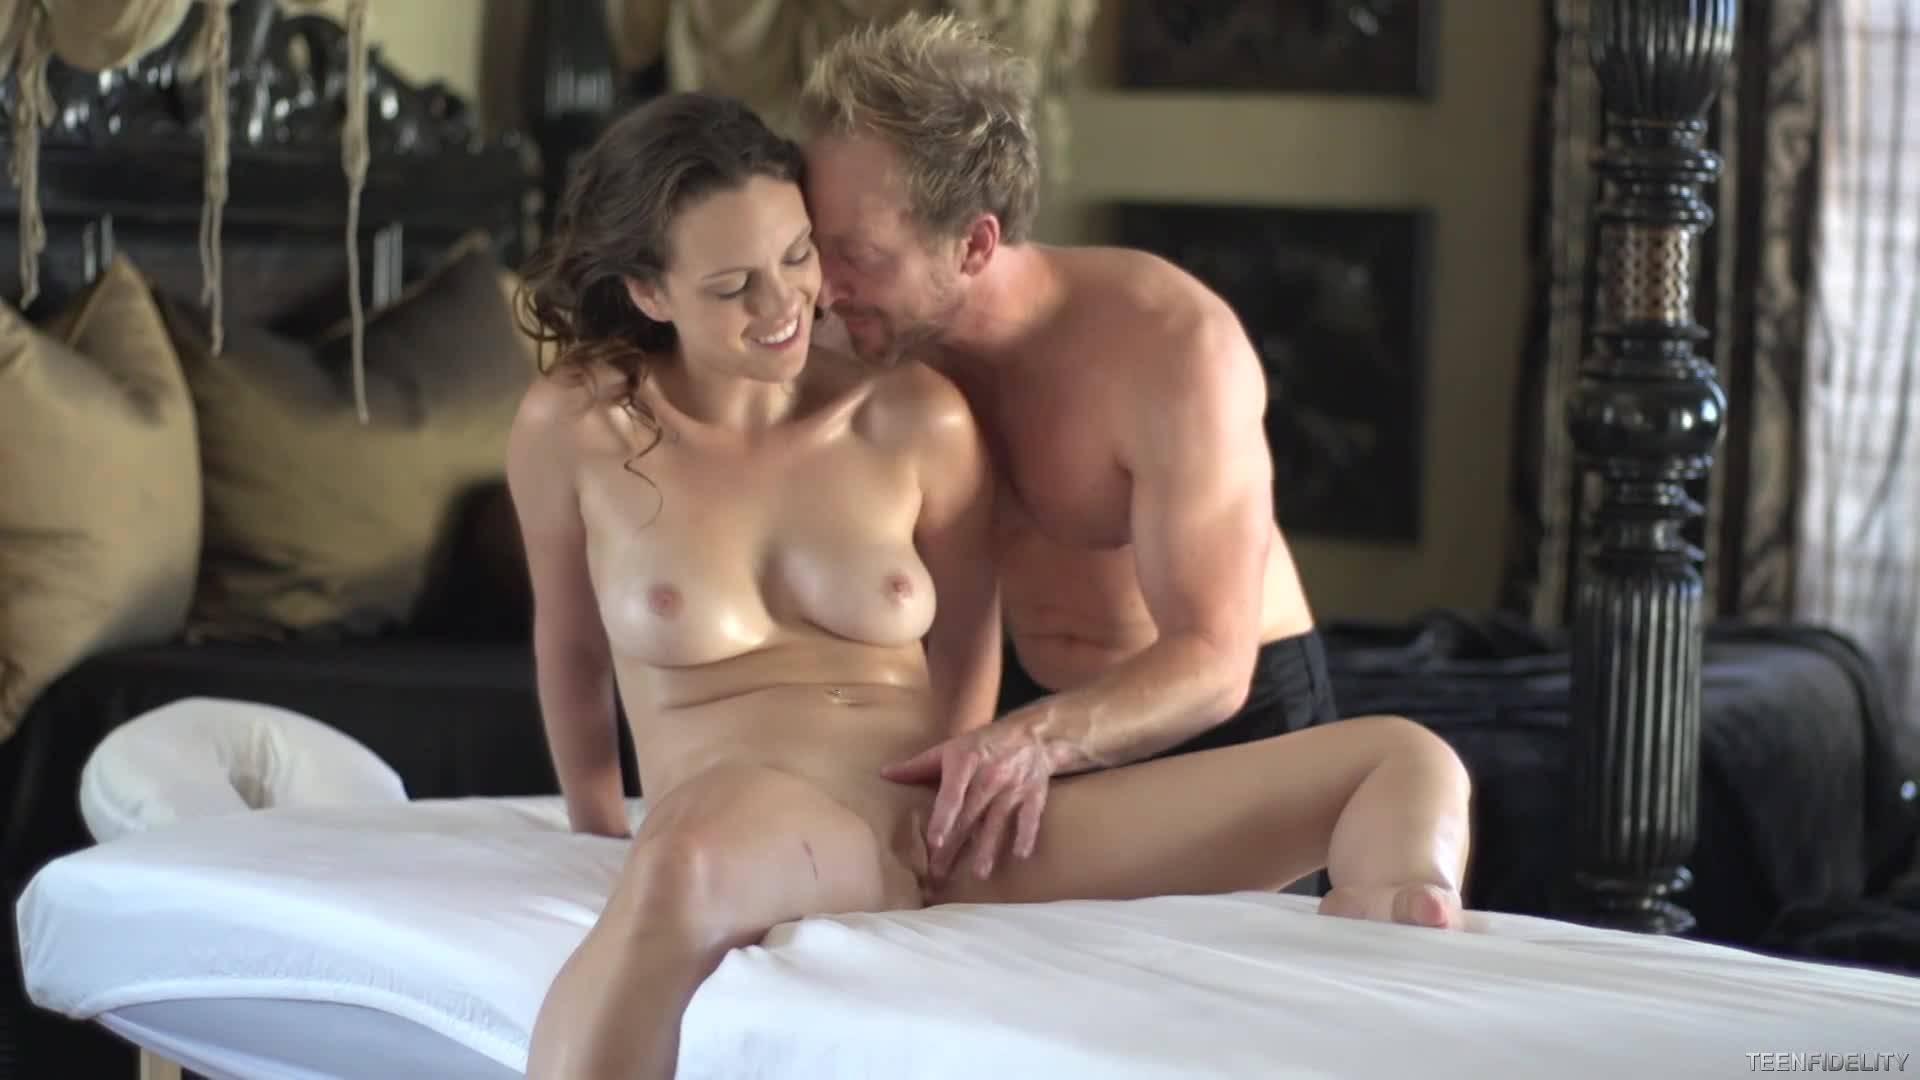 Молоденькая сучка пришла на сеанс эротического массажа